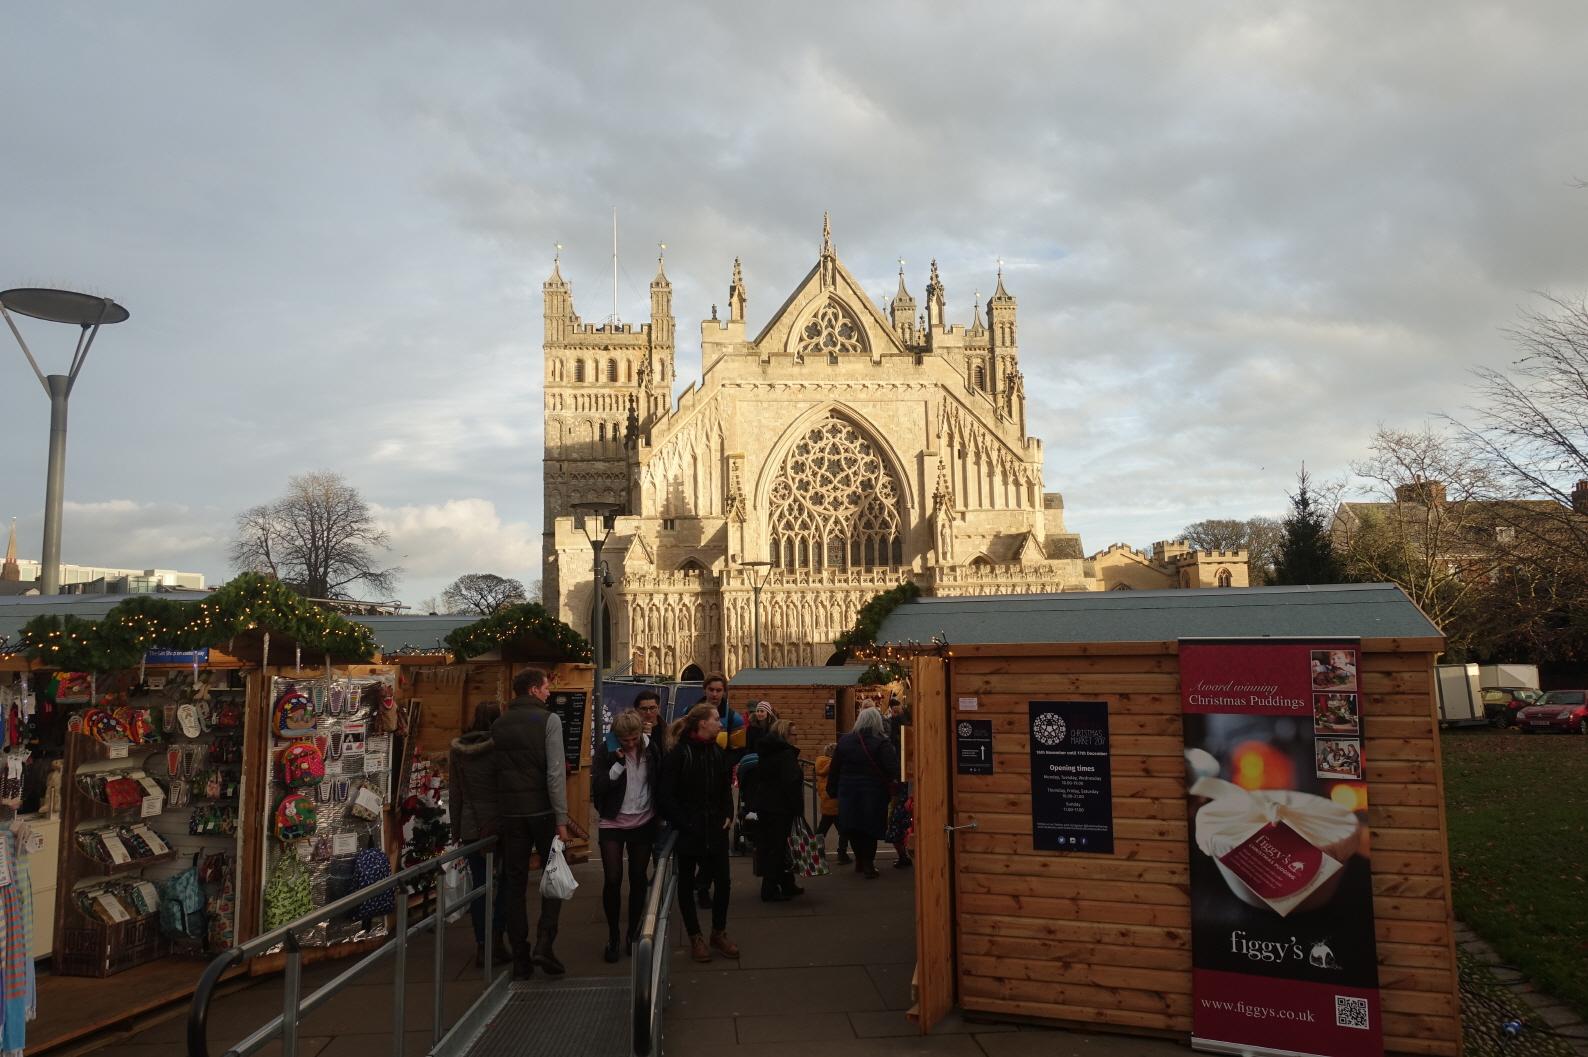 영국 Exeter, 지난 12월 풍경